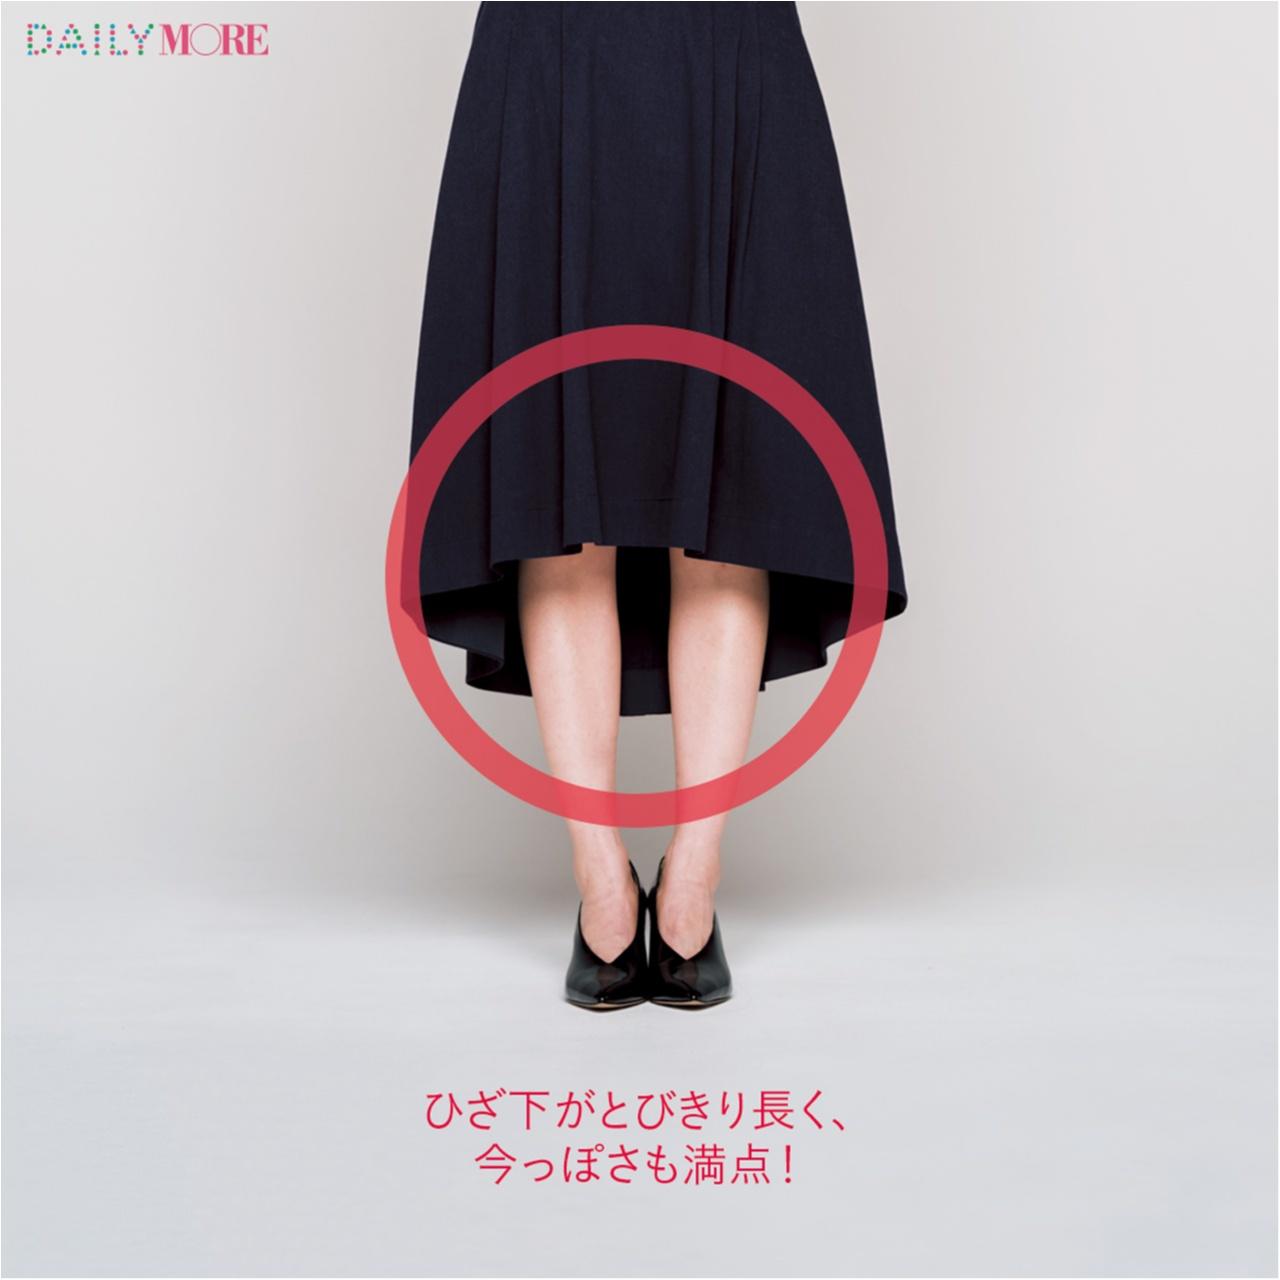 【脚長に見えるのはどれだ⁉】一目瞭然! トレンド靴に似合うスカートはき比べ_1_2